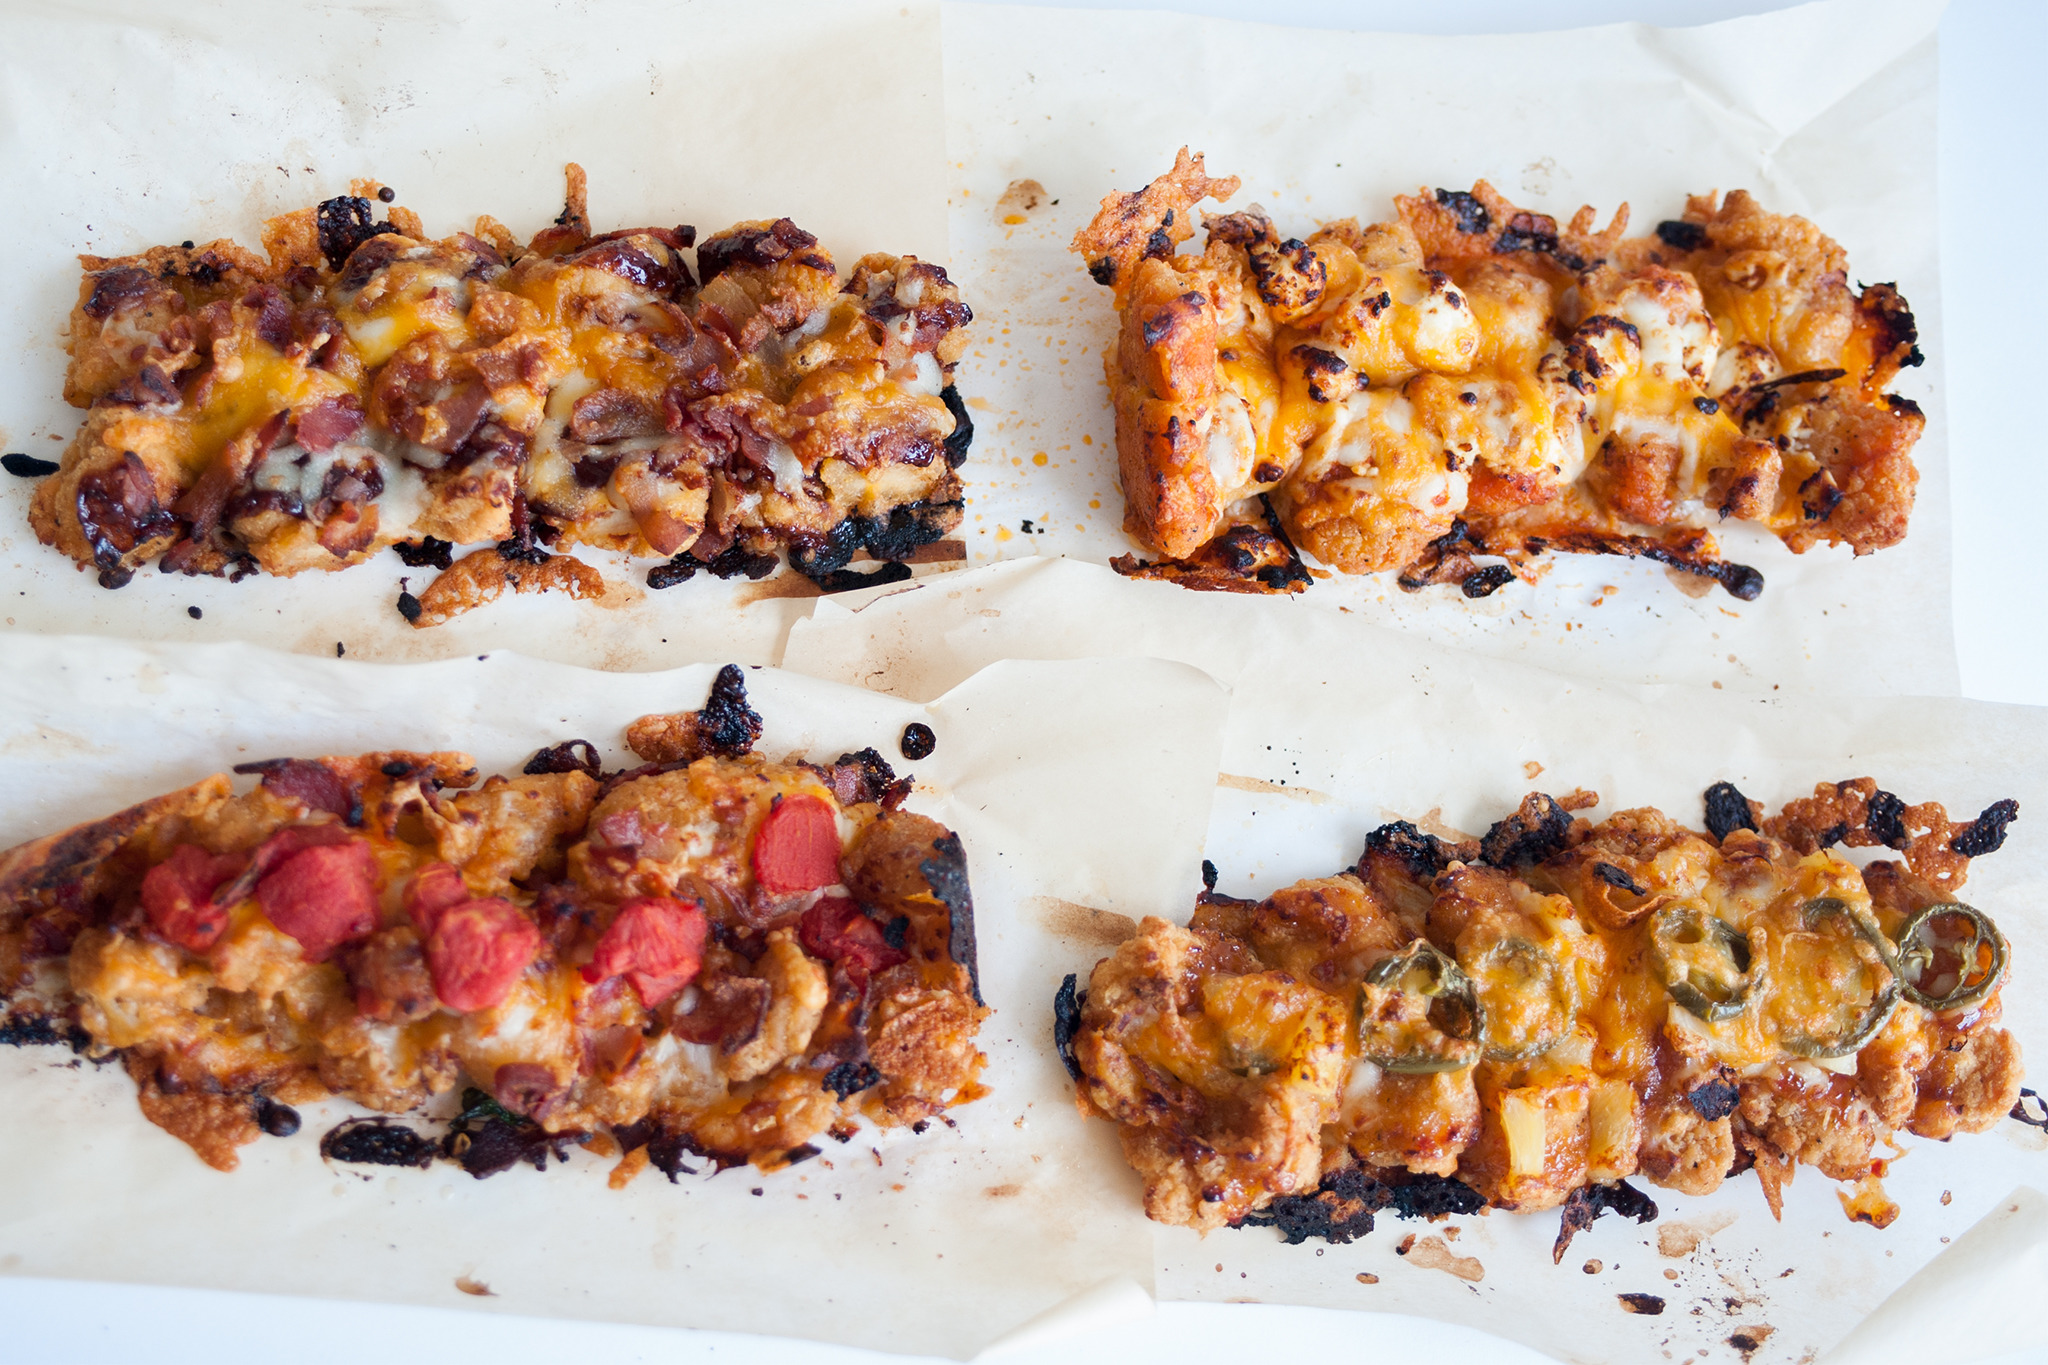 Taste test: Domino's Specialty Chicken